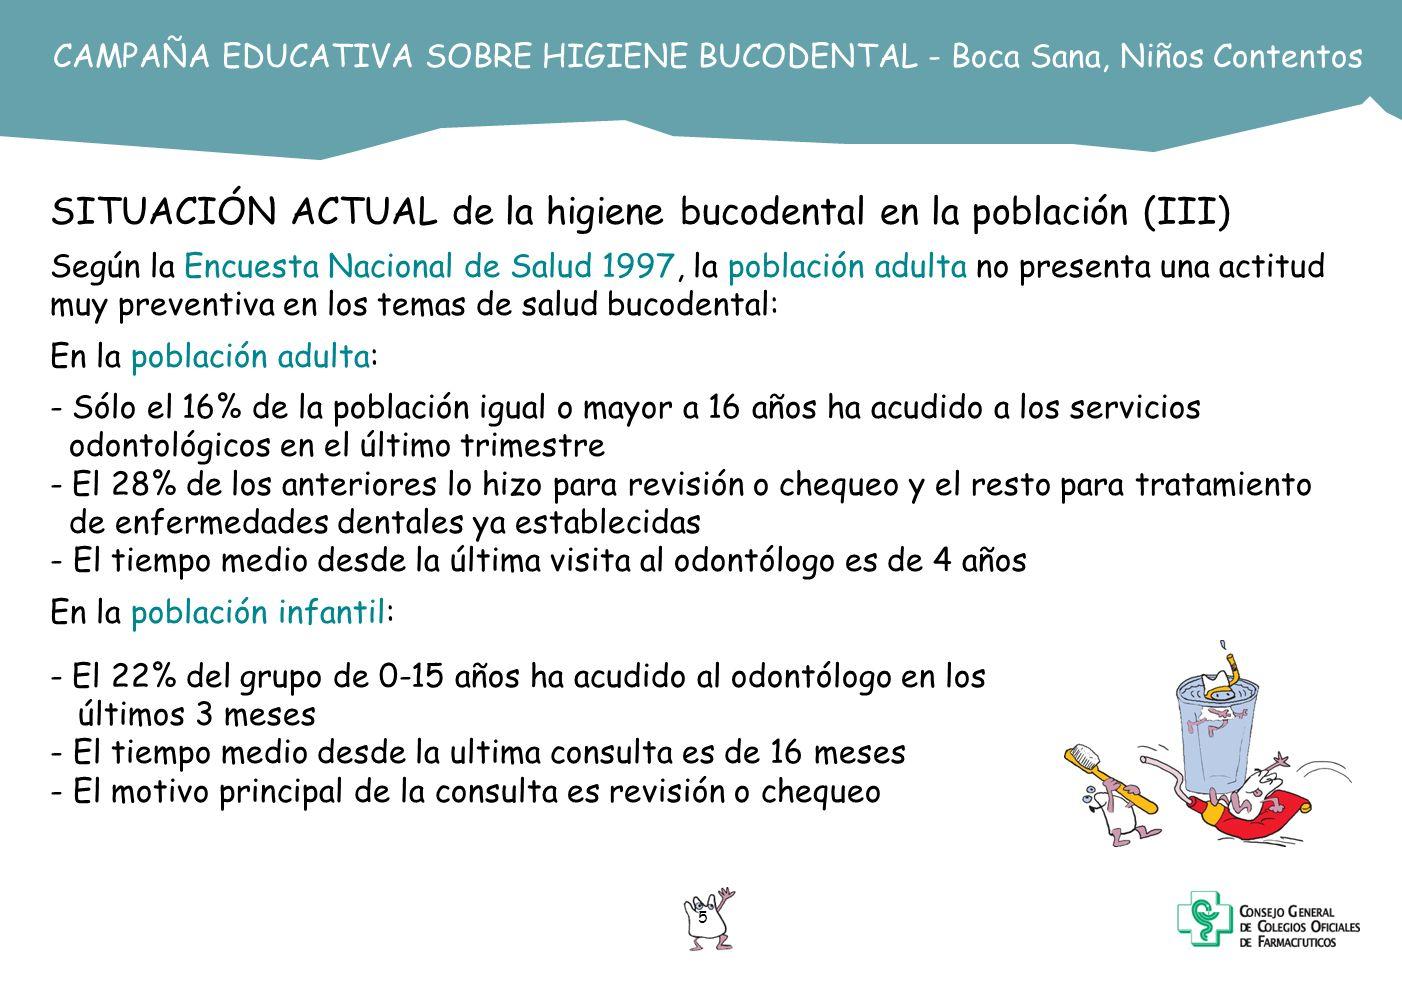 SITUACIÓN ACTUAL de la higiene bucodental en la población (III)